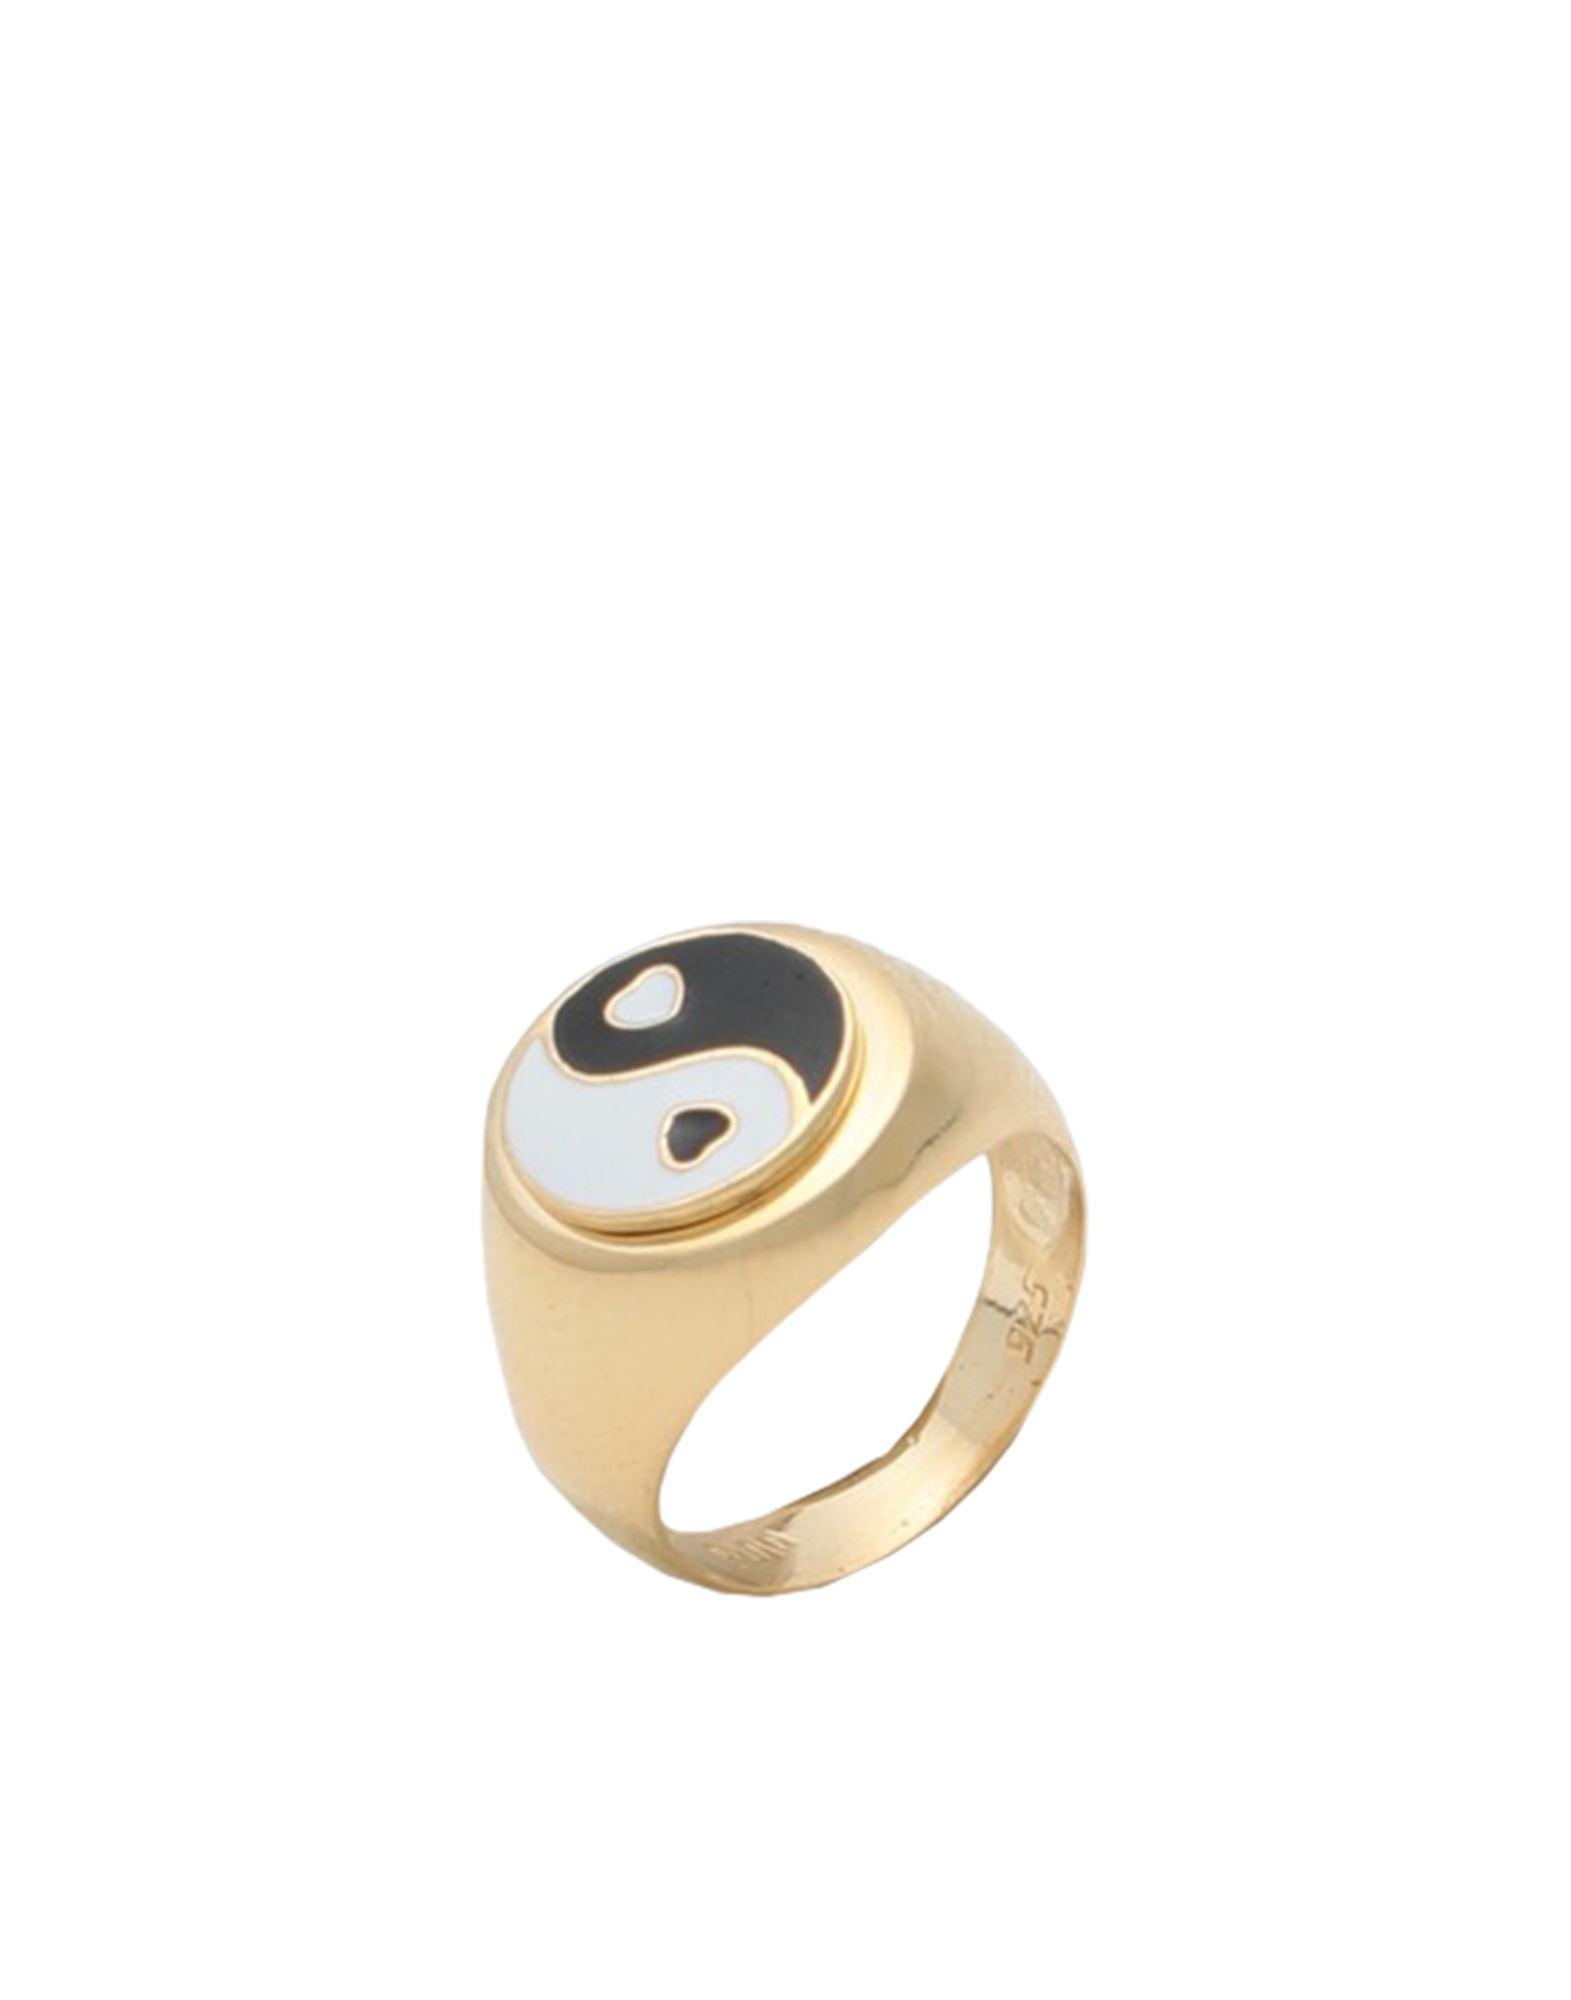 《セール開催中》WILHELMINA GARCIA レディース 指輪 ゴールド 46 銀 / 18金メッキ YIN/YANG RING